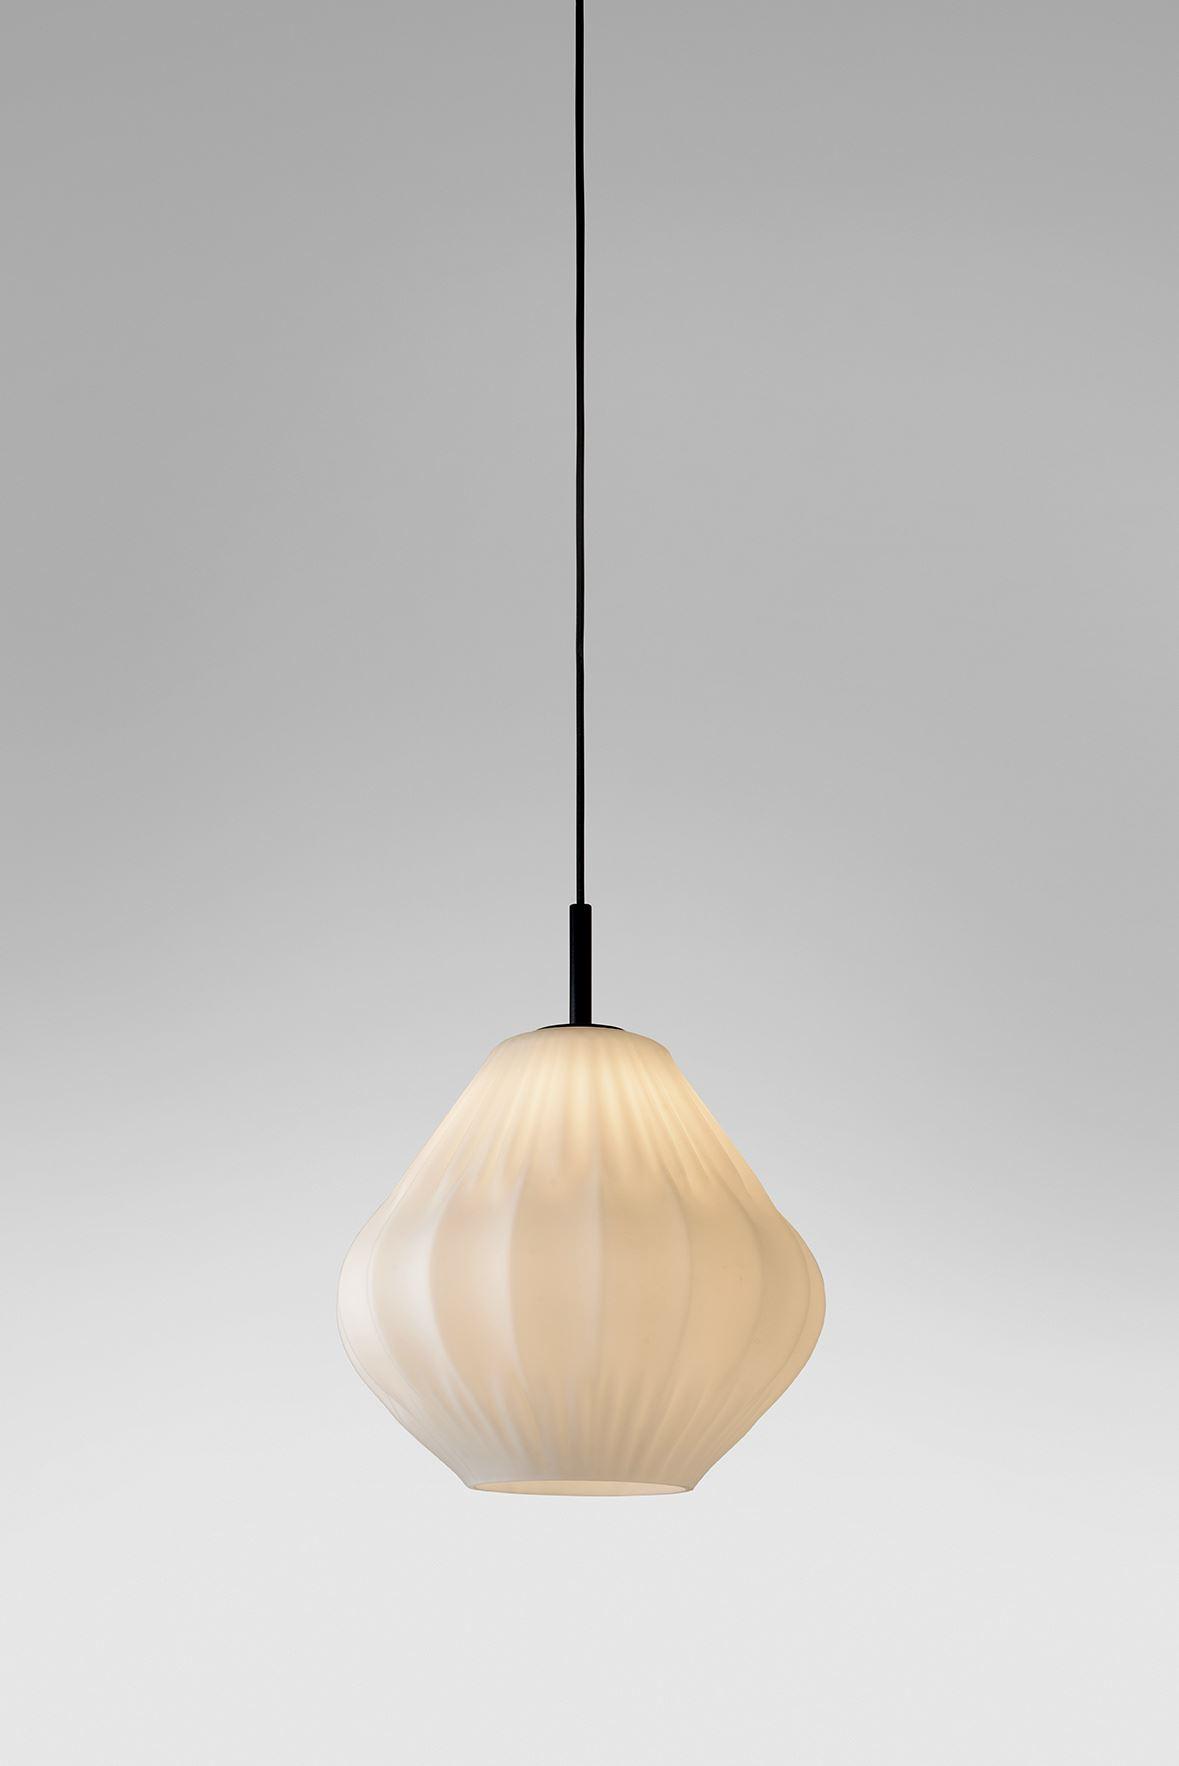 גופי תאורה מקטגוריית: מנורות תלויות ,שם המוצר: ספיר טיפה קטן